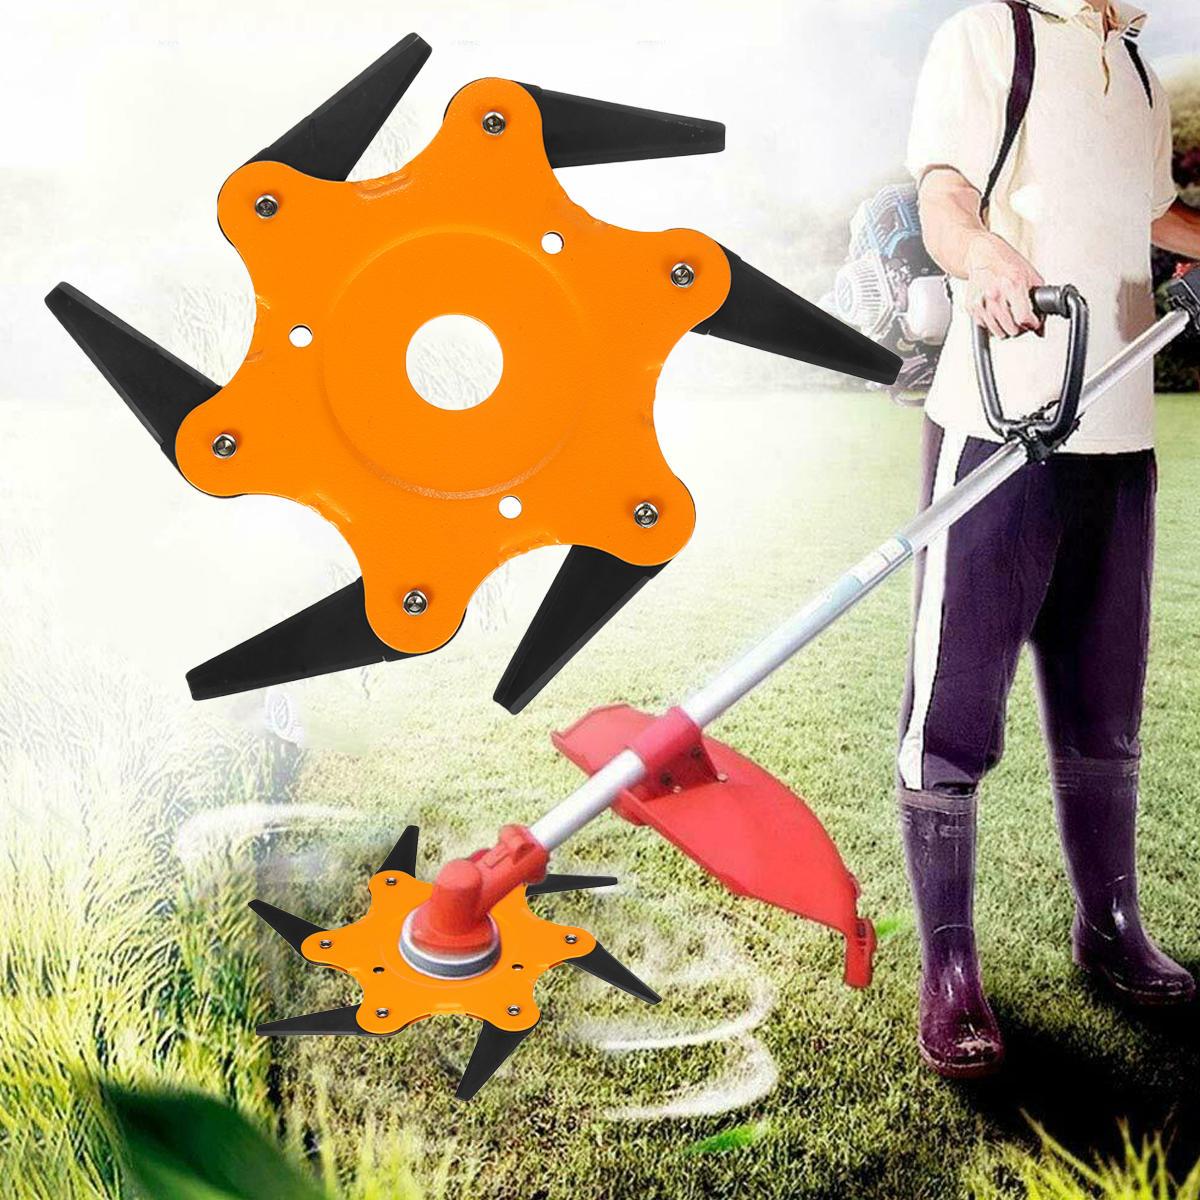 Upgrade Orange 6 Steel Blades Razor 65Mn Lawn Mower Eater Trimmer Head Grass Brush Cutter